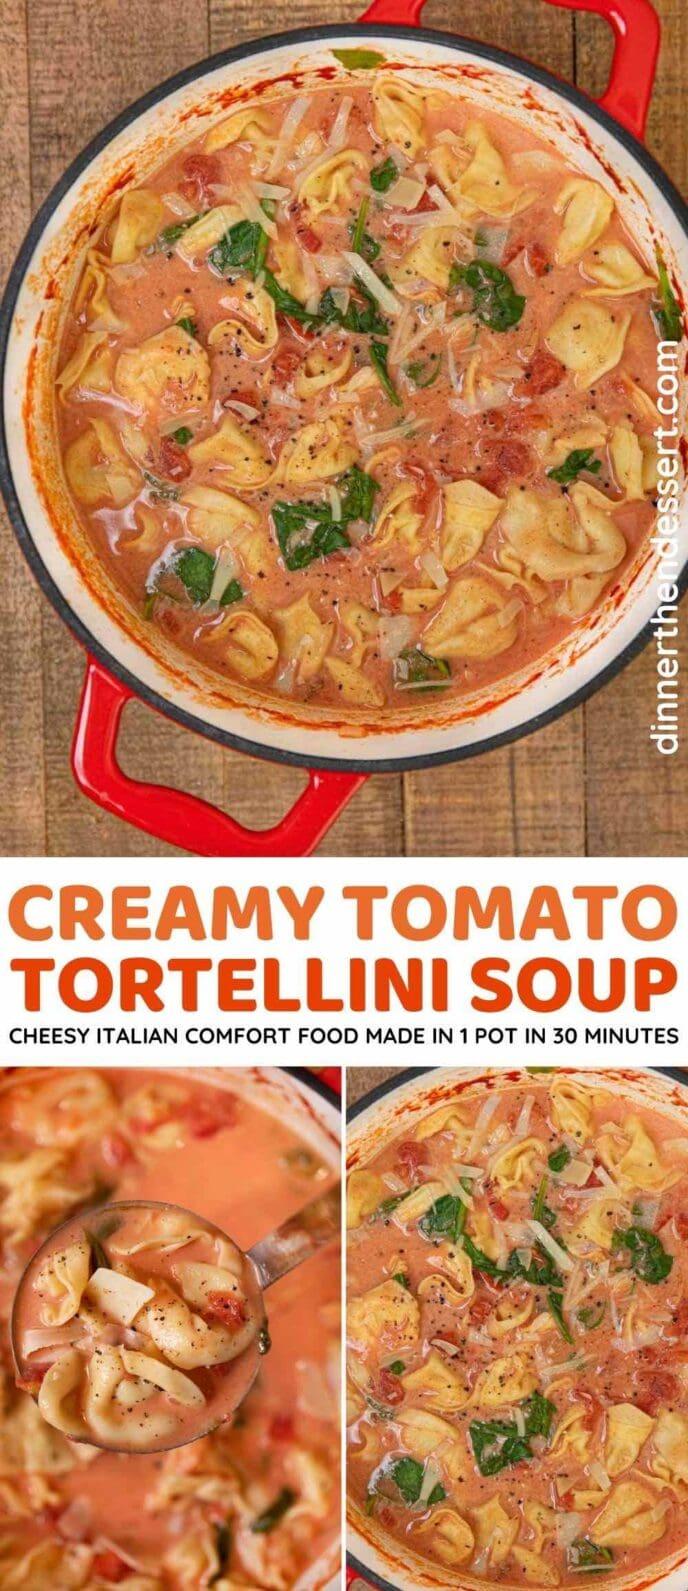 Creamy Tomato Tortellini Soup collage